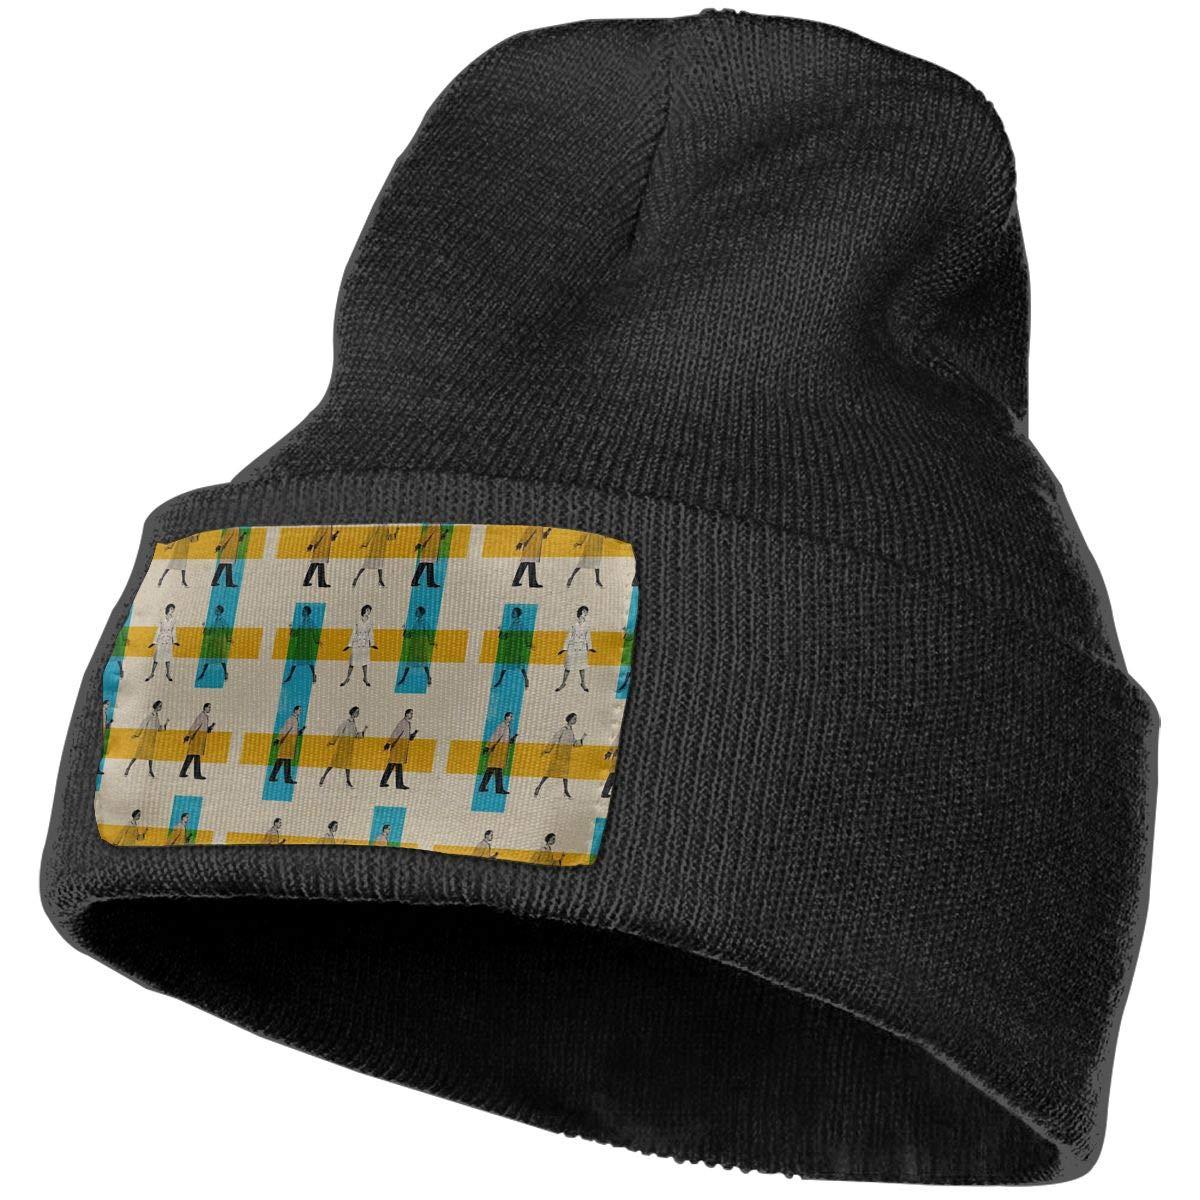 Horizon-t Humanity Unisex 100/% Acrylic Knitting Hat Cap Fashion Beanie Hat